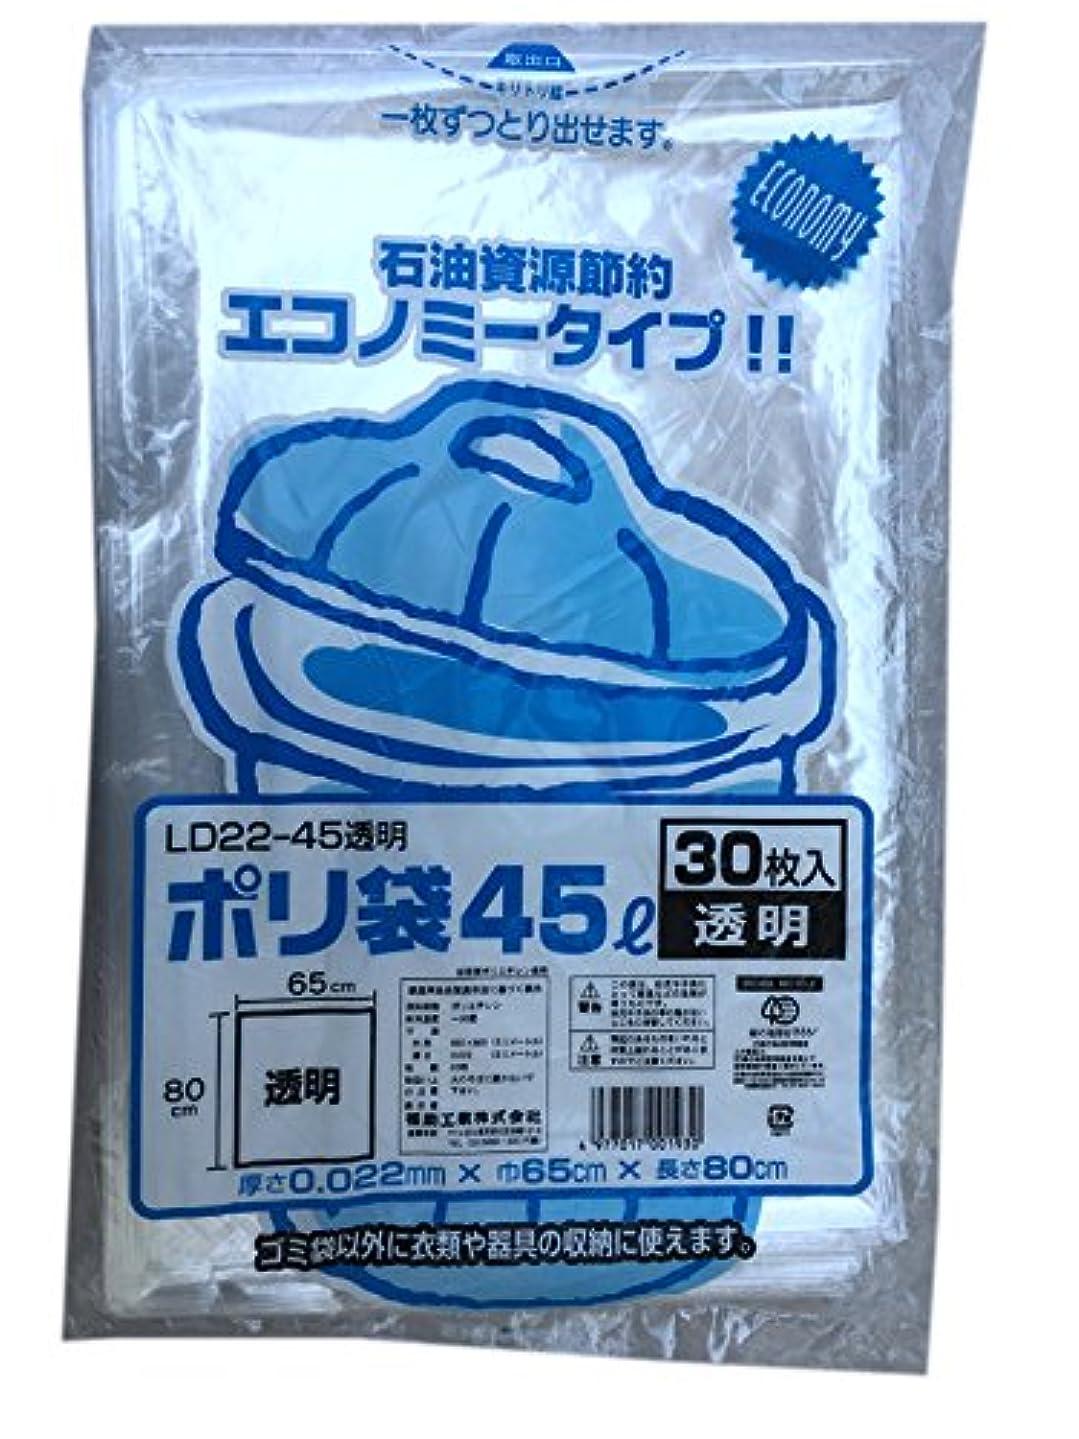 ピカリング有効なピカリング業務用 ゴミ袋 45L(30枚入り)1ケース(600枚) LD22-45 透明 0.022×巾650×長さ800mm